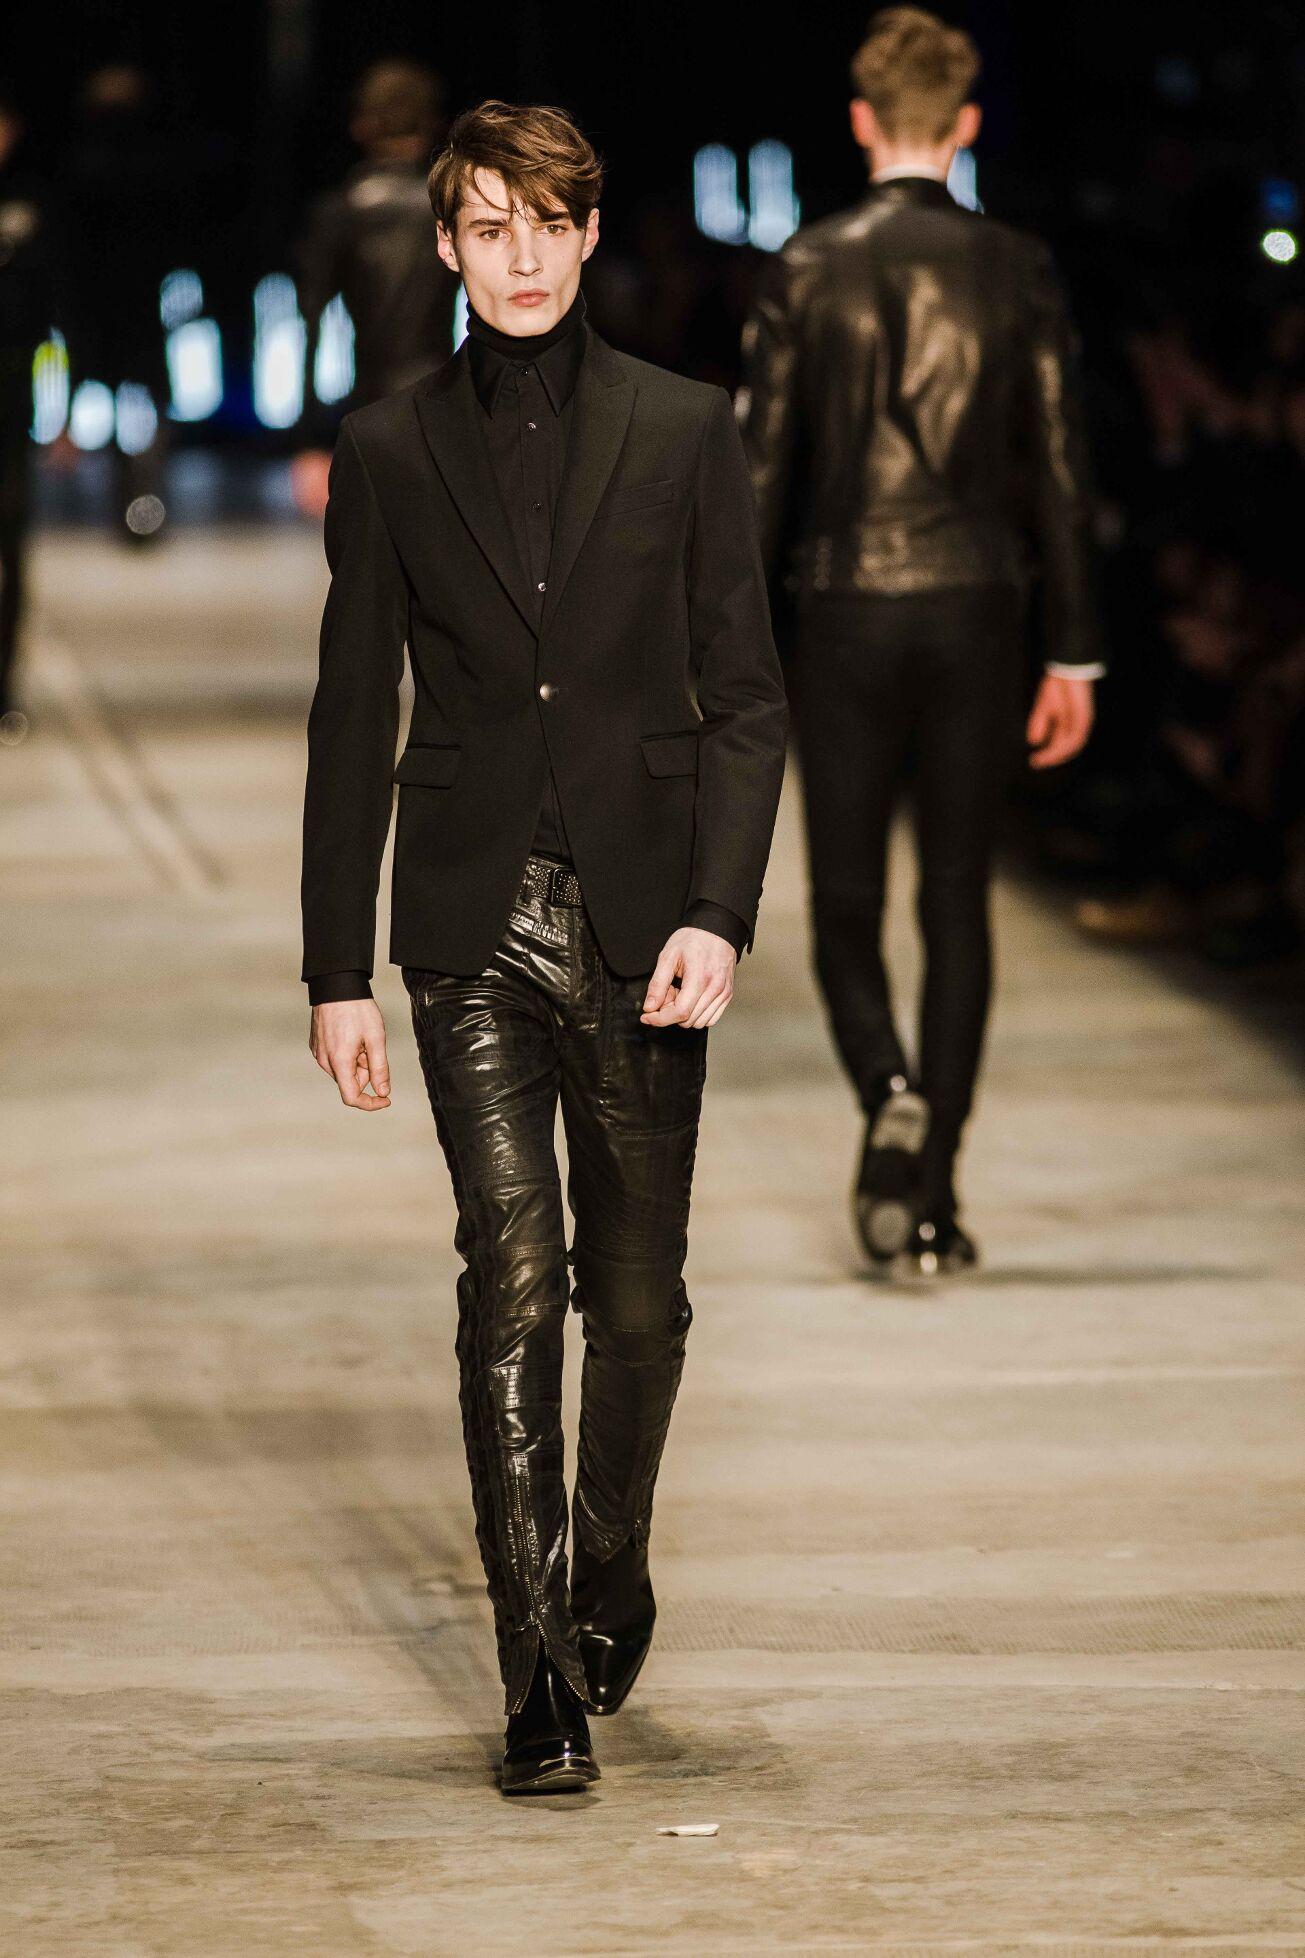 Winter 2014 Fashion Show Diesel Black Gold